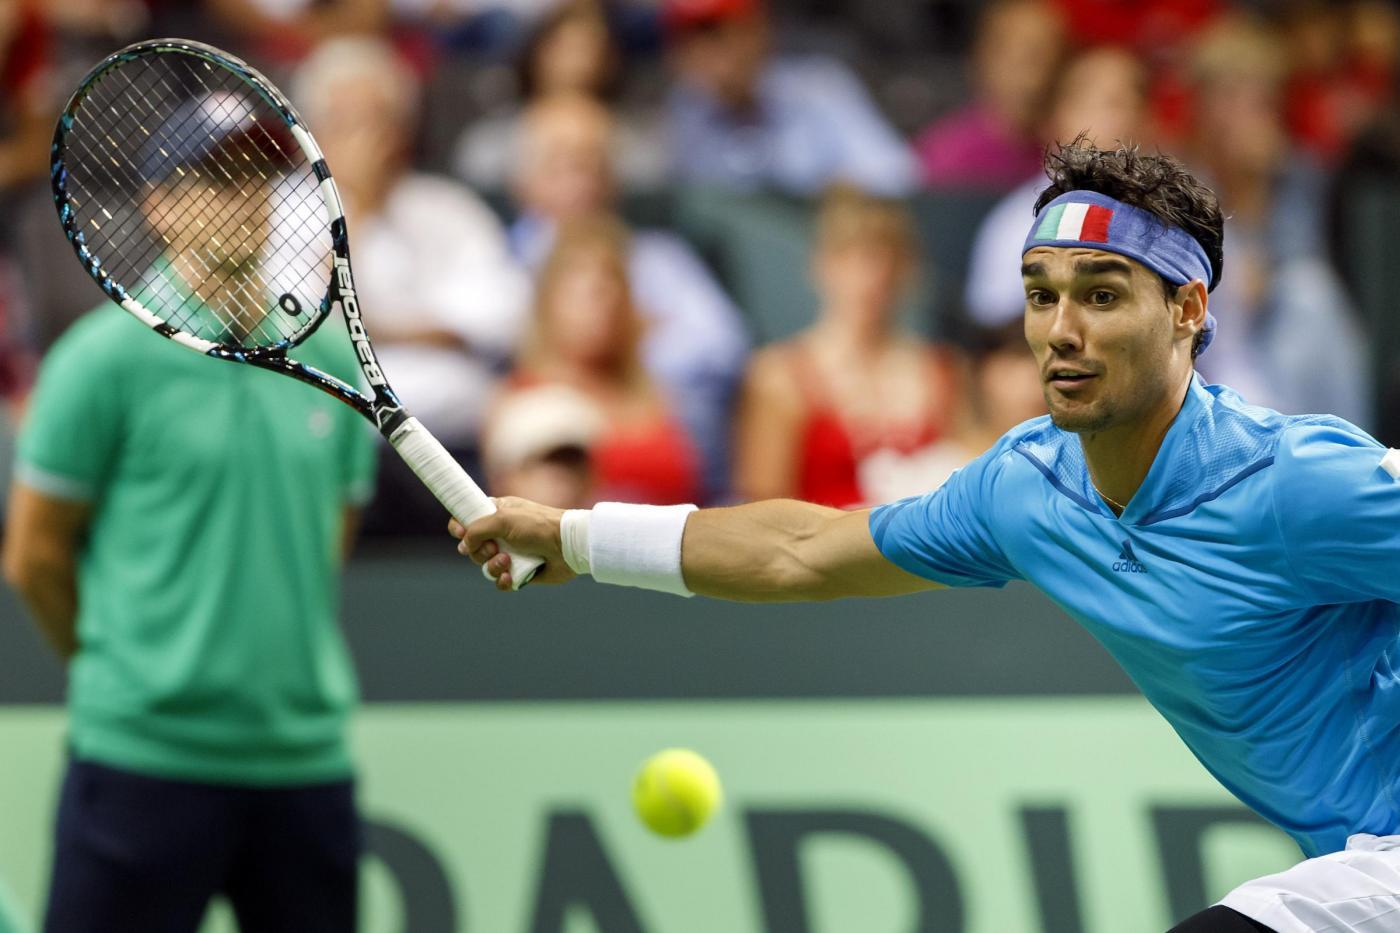 Coppa Davis, Italia sconfitta dalla Svizzera in semifinale